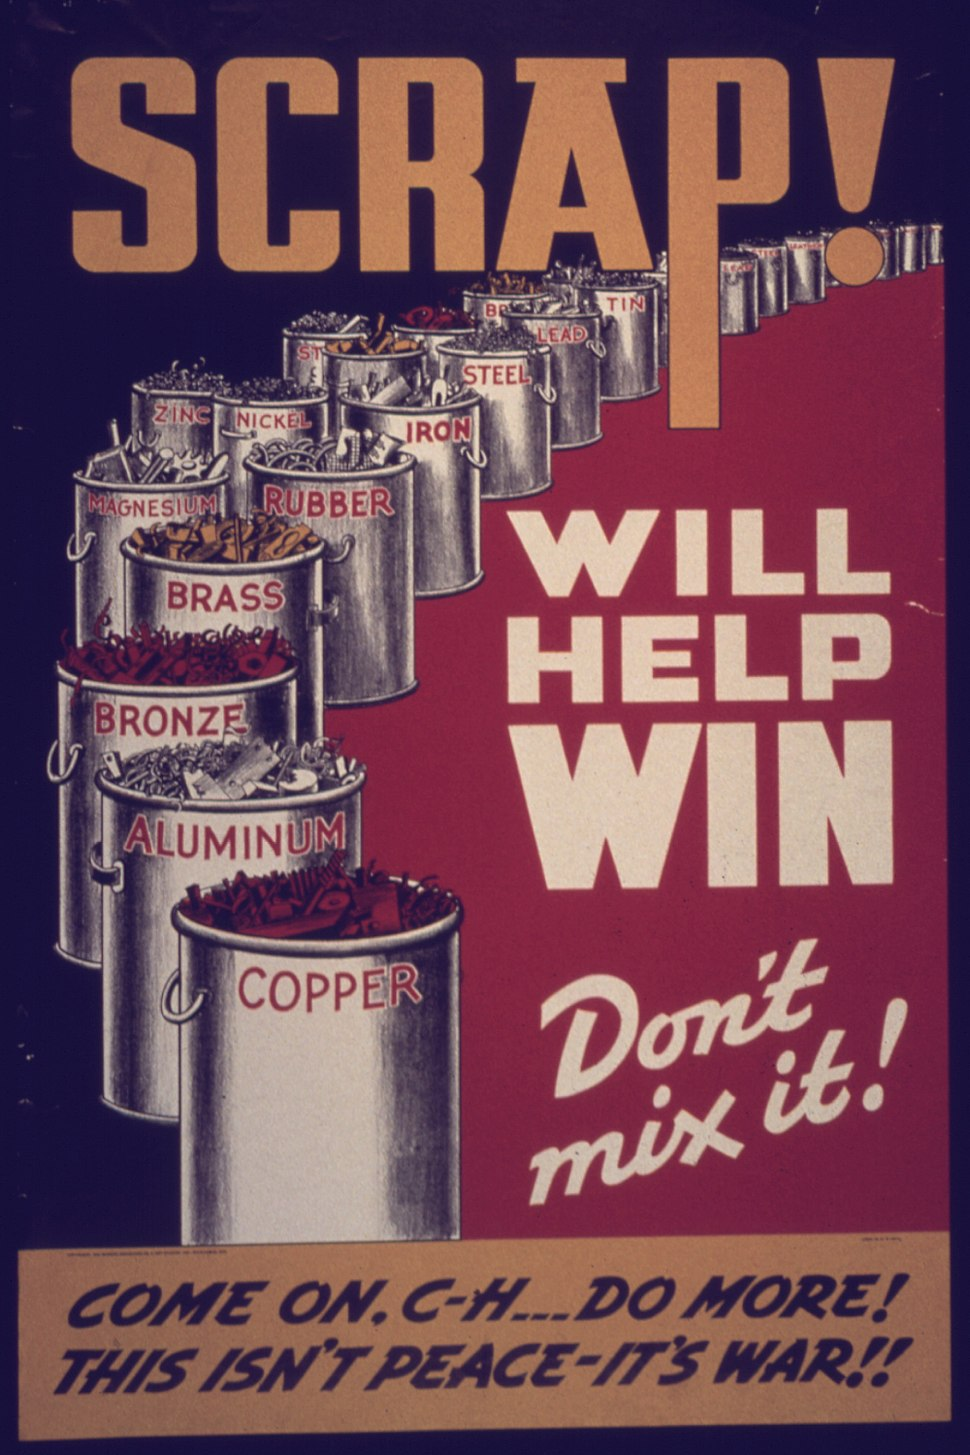 Scrap^ Will Help Win. Don't Mix it - NARA - 533983